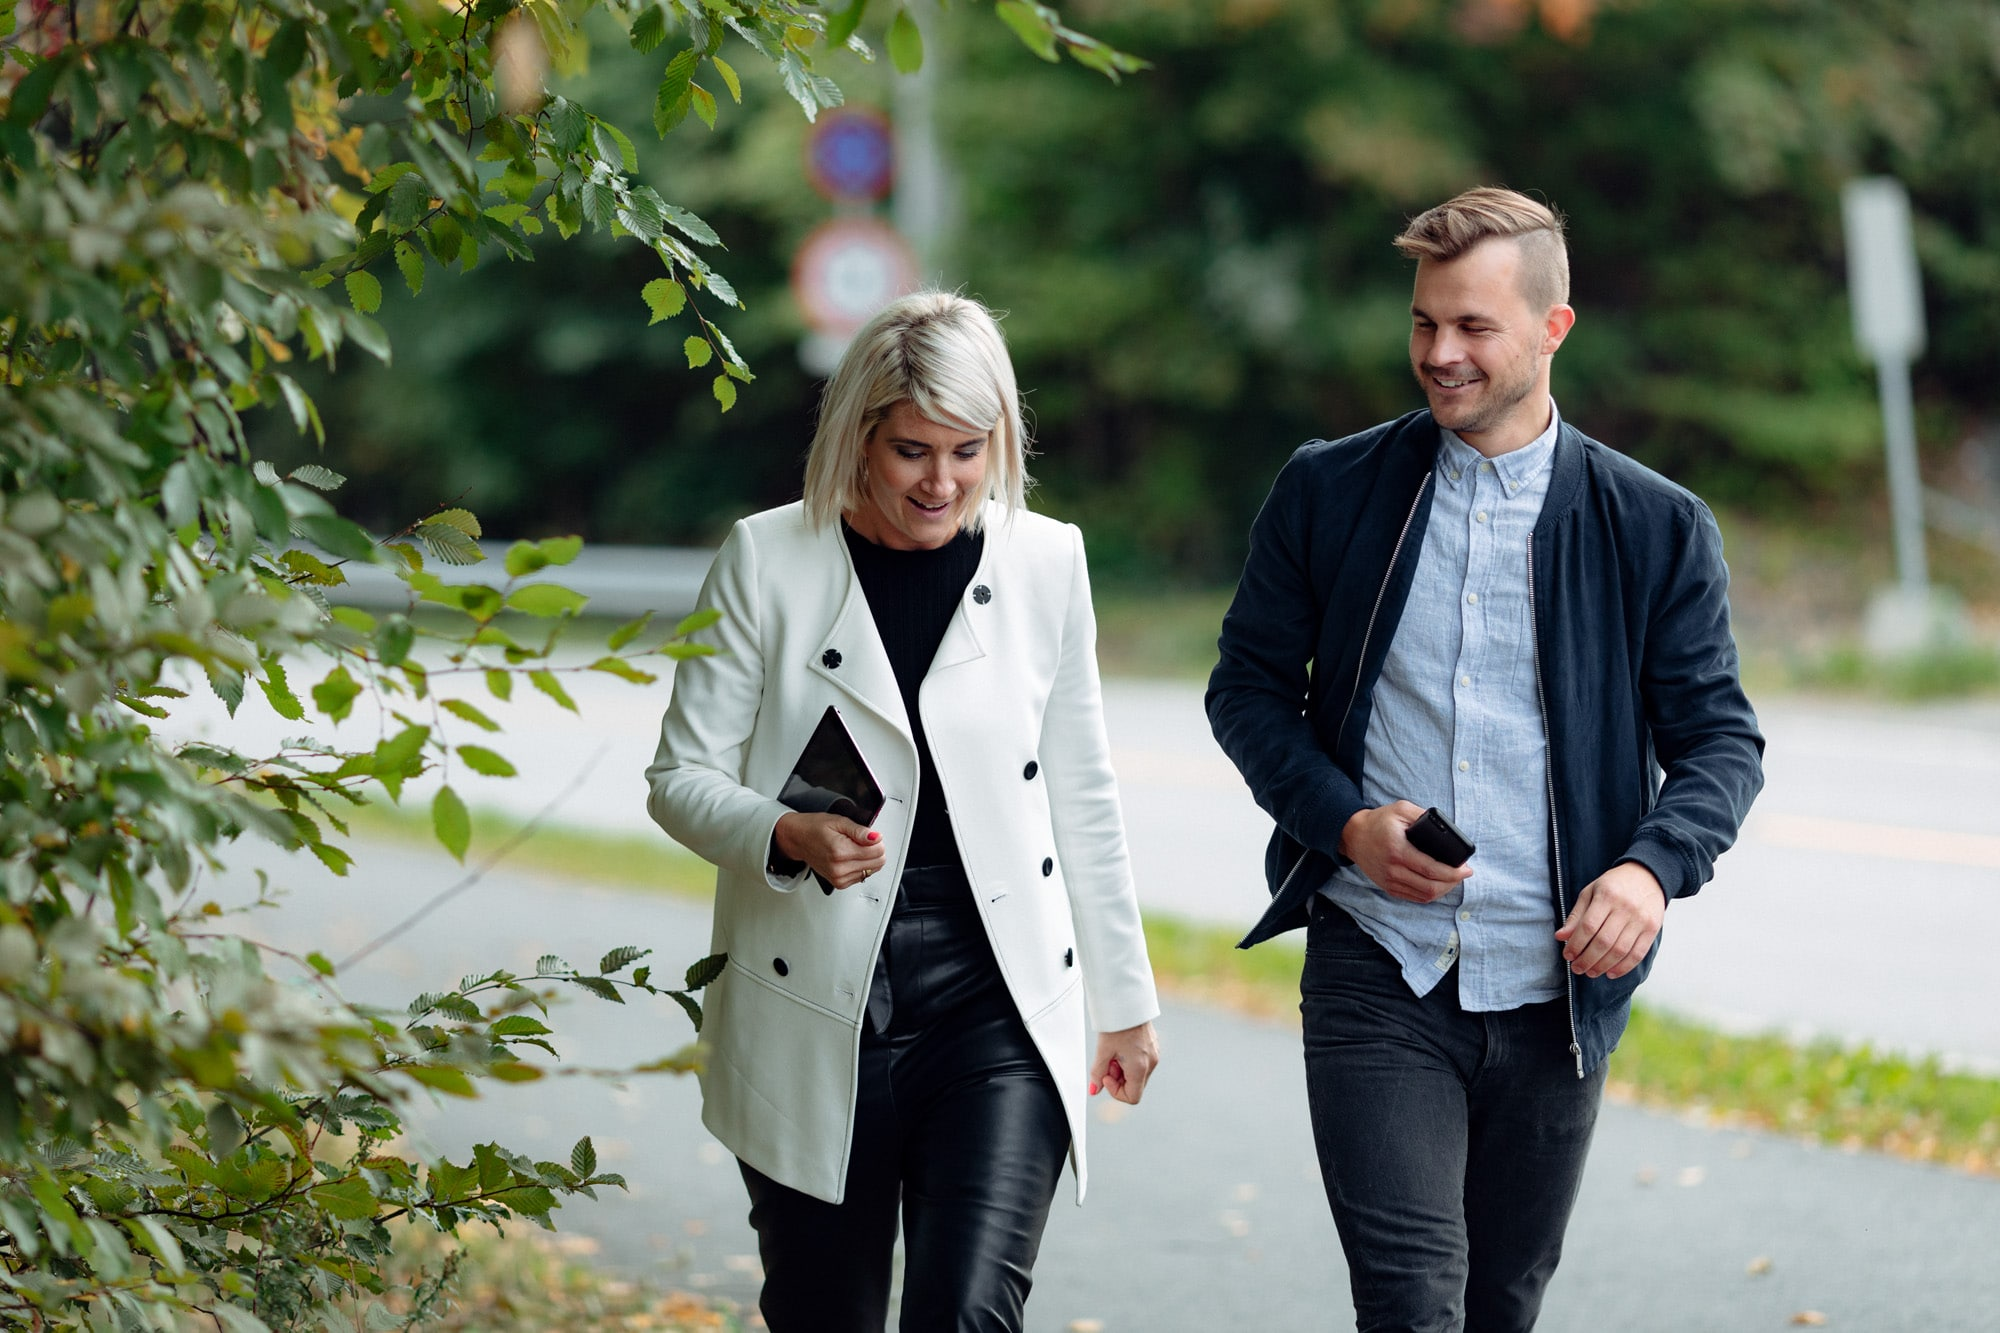 Ung kvinne og ung mann går utendørs og snakker